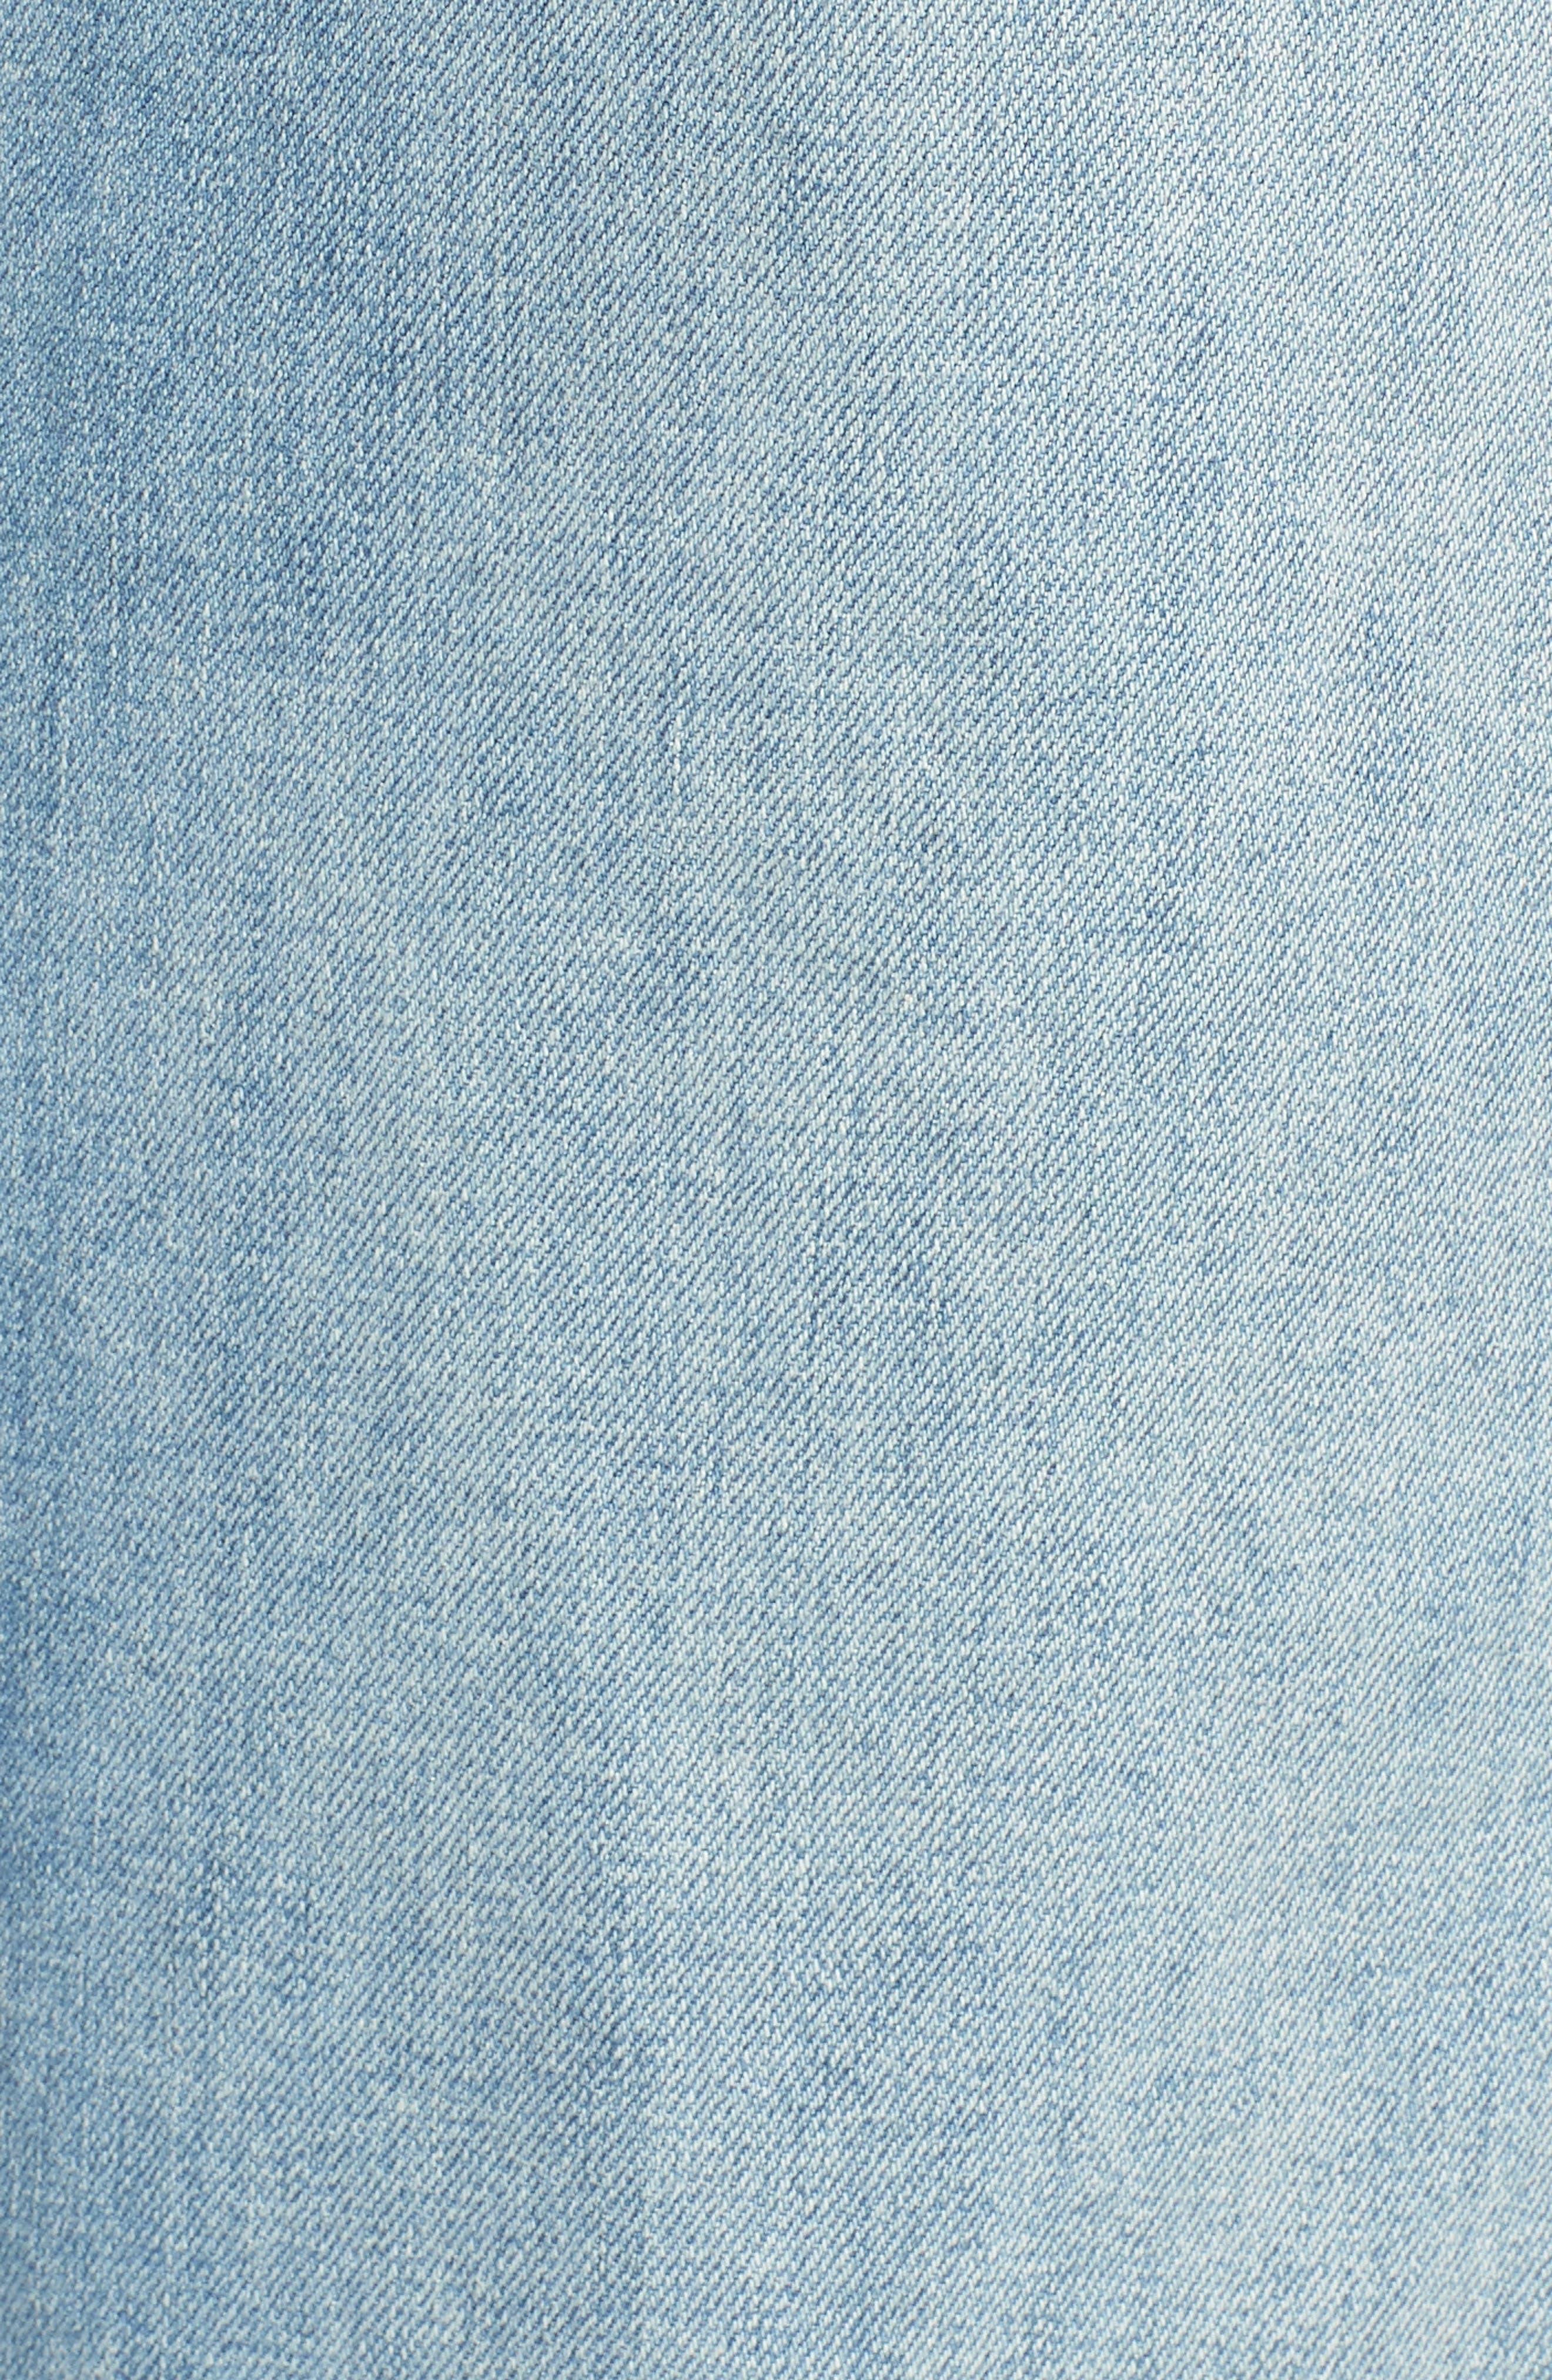 Swooner Straight-A Chewed Hem Denim Skirt,                             Alternate thumbnail 6, color,                             450